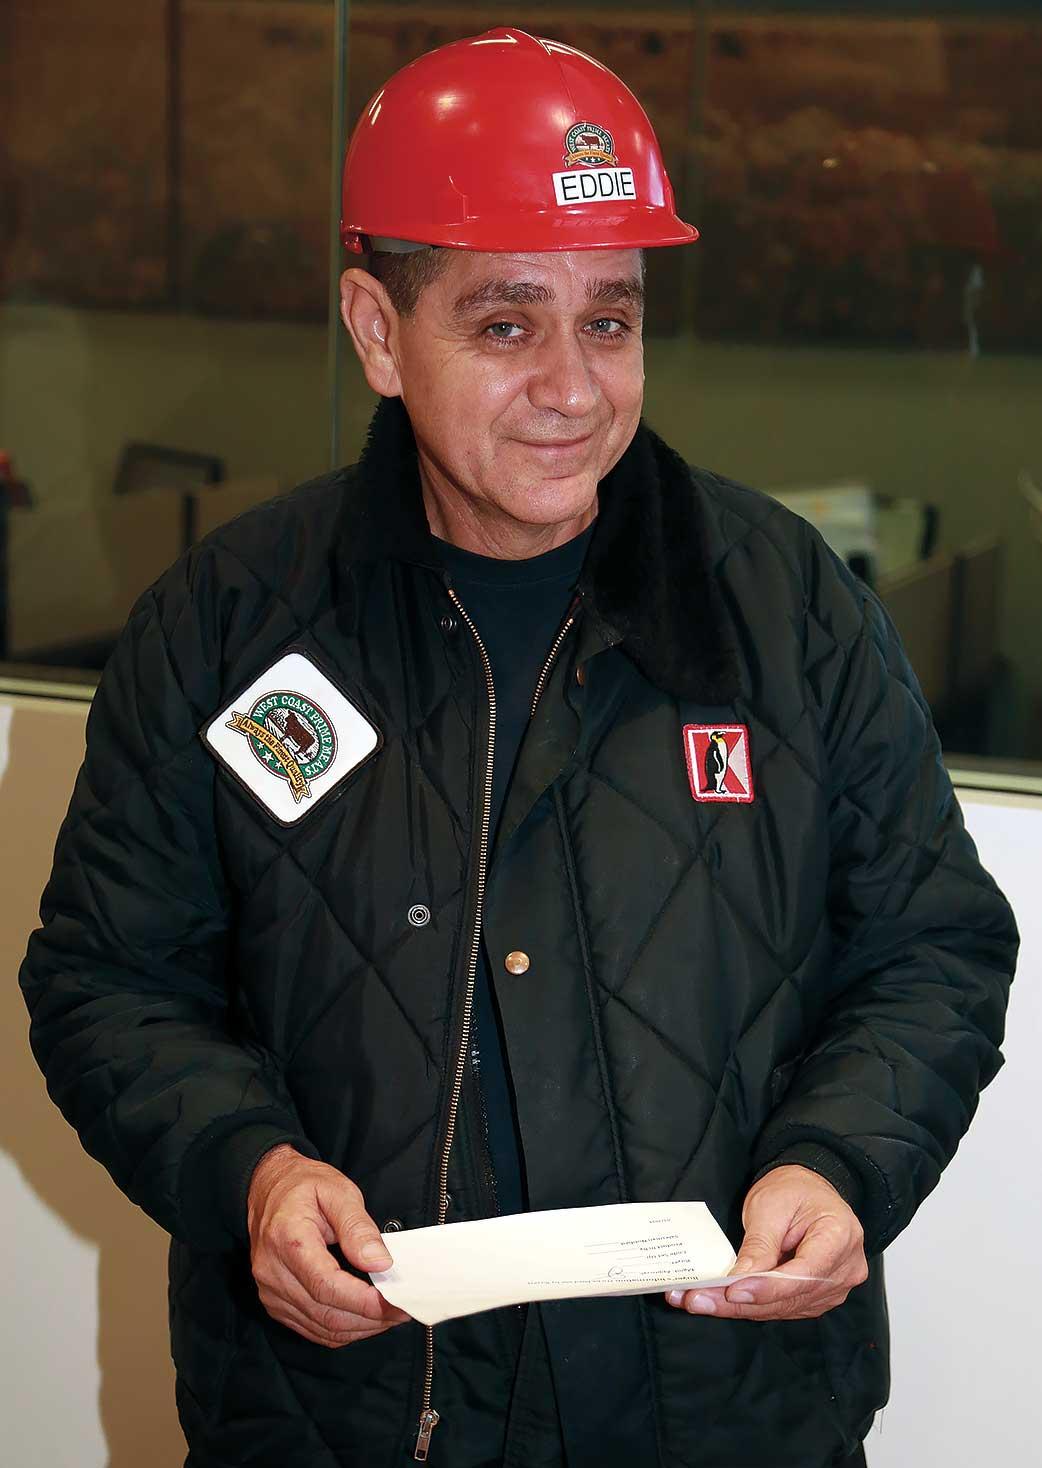 Eddie Juarez